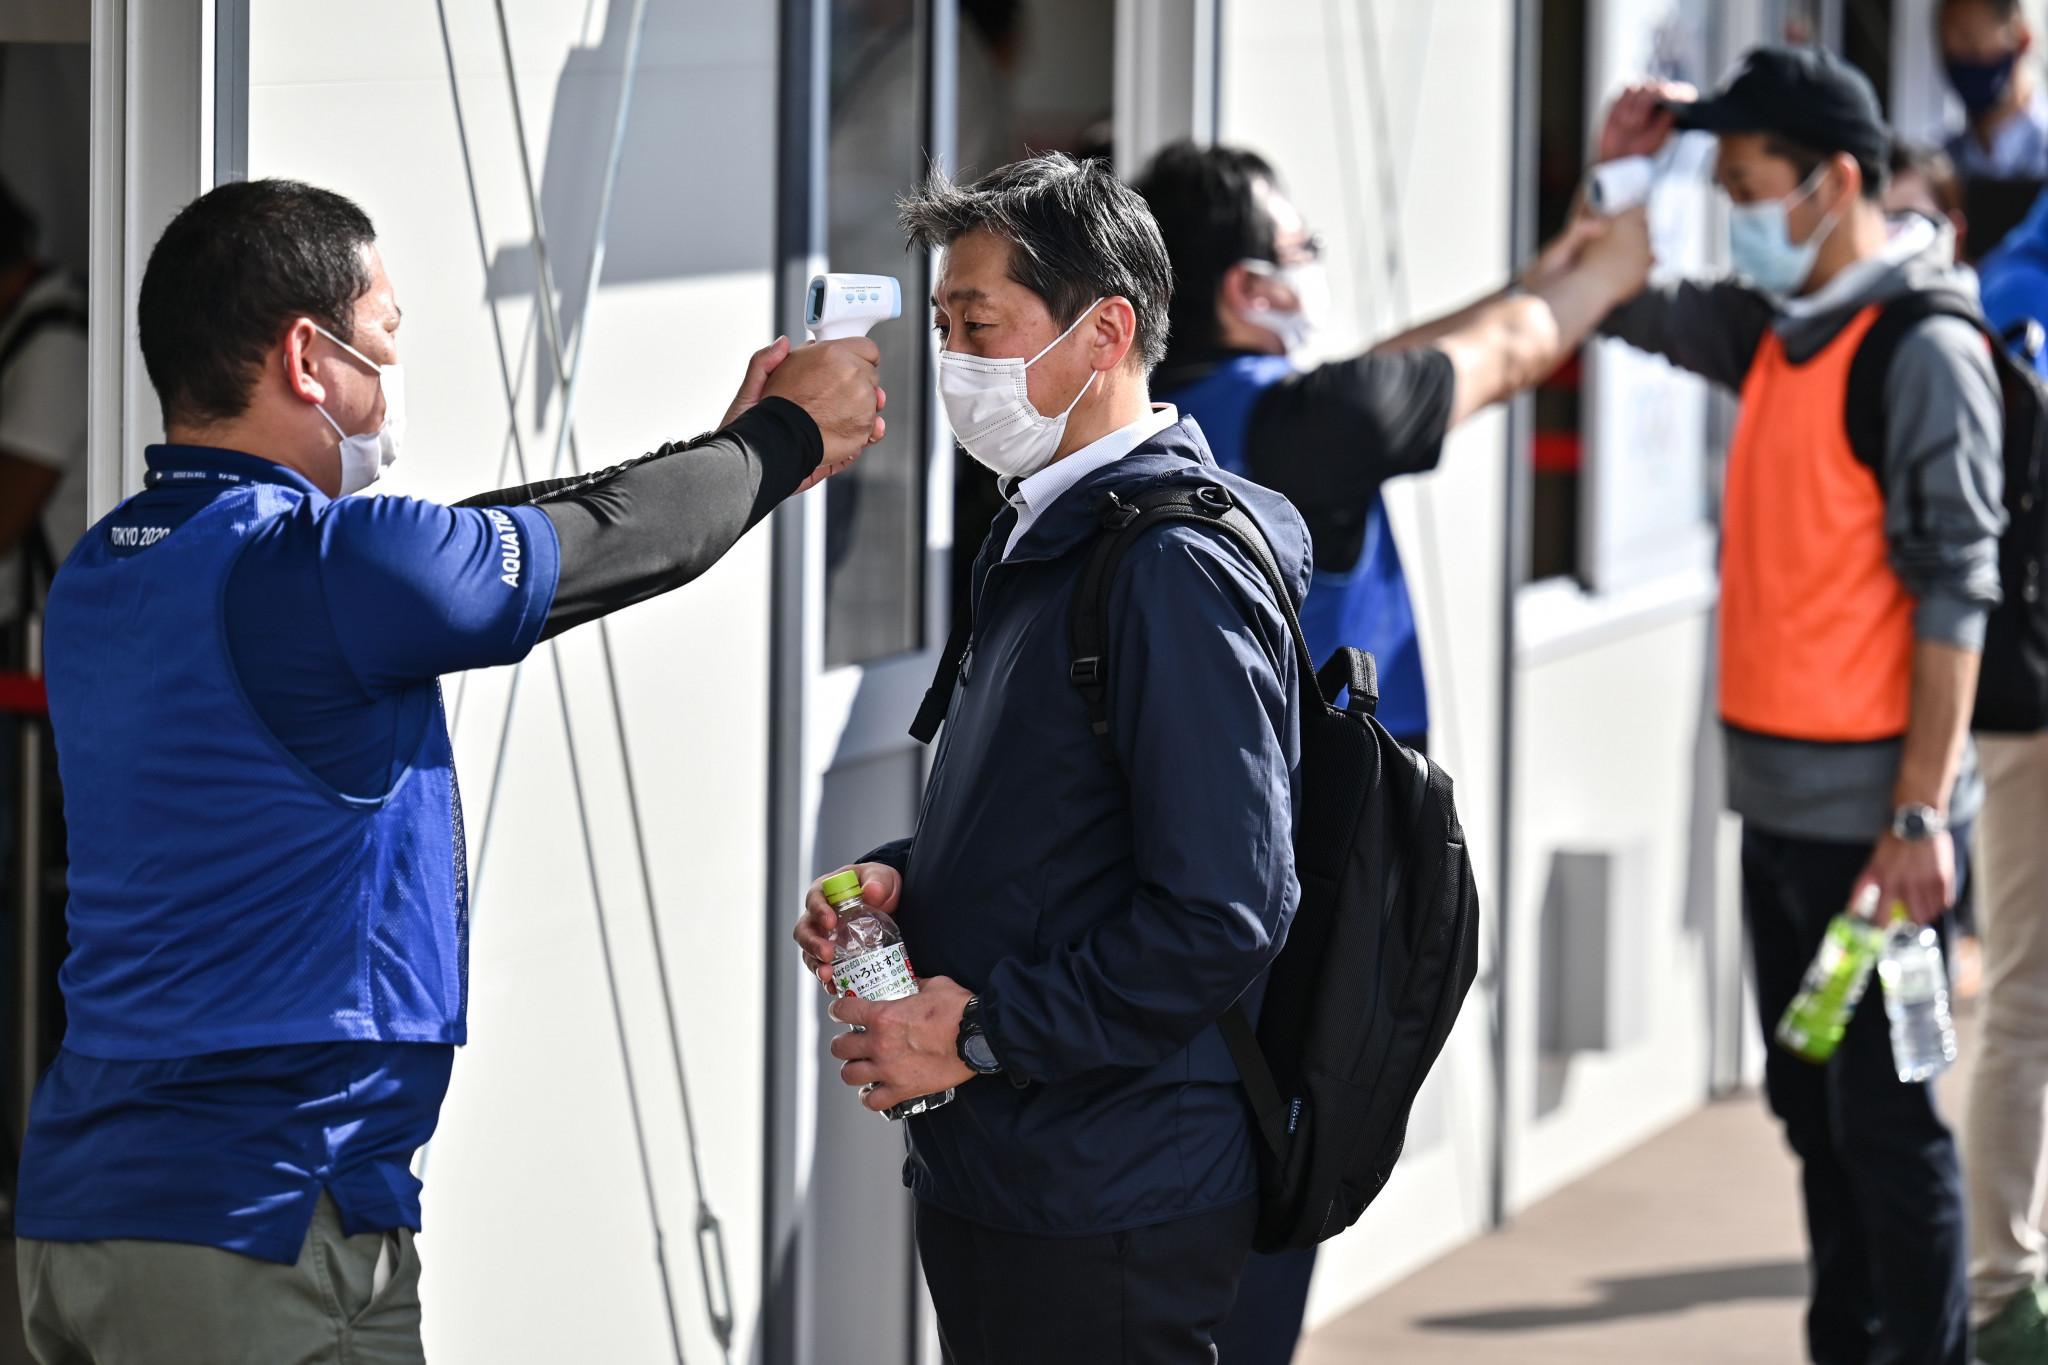 Organizadores Tokio 2020 dan consejos a espectadores después de pruebas seguridad